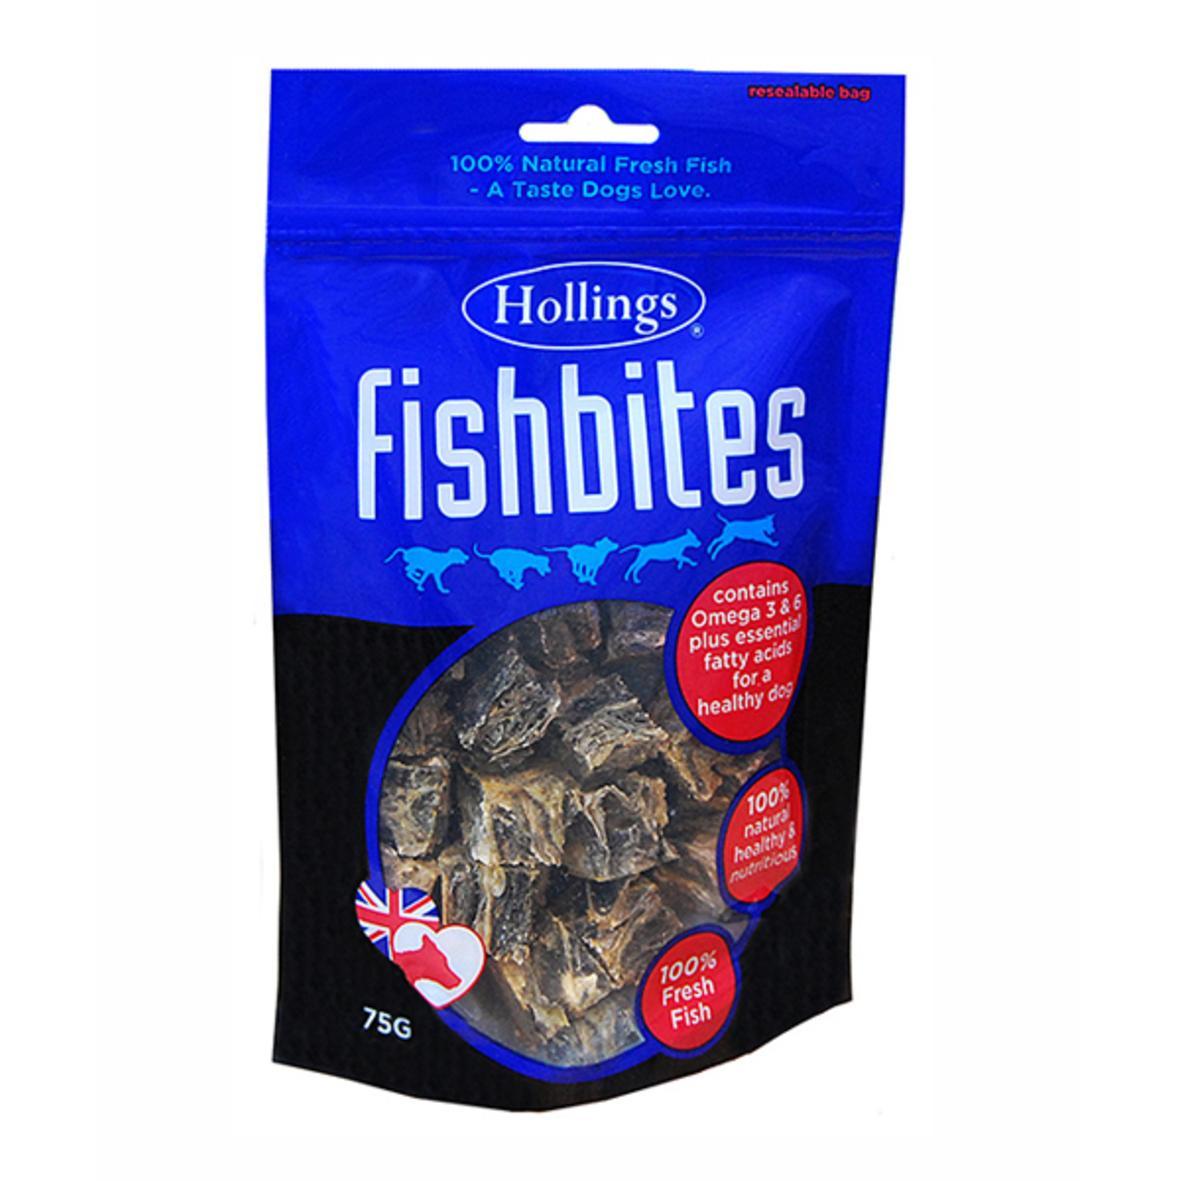 Hollings Fishbites 75gm